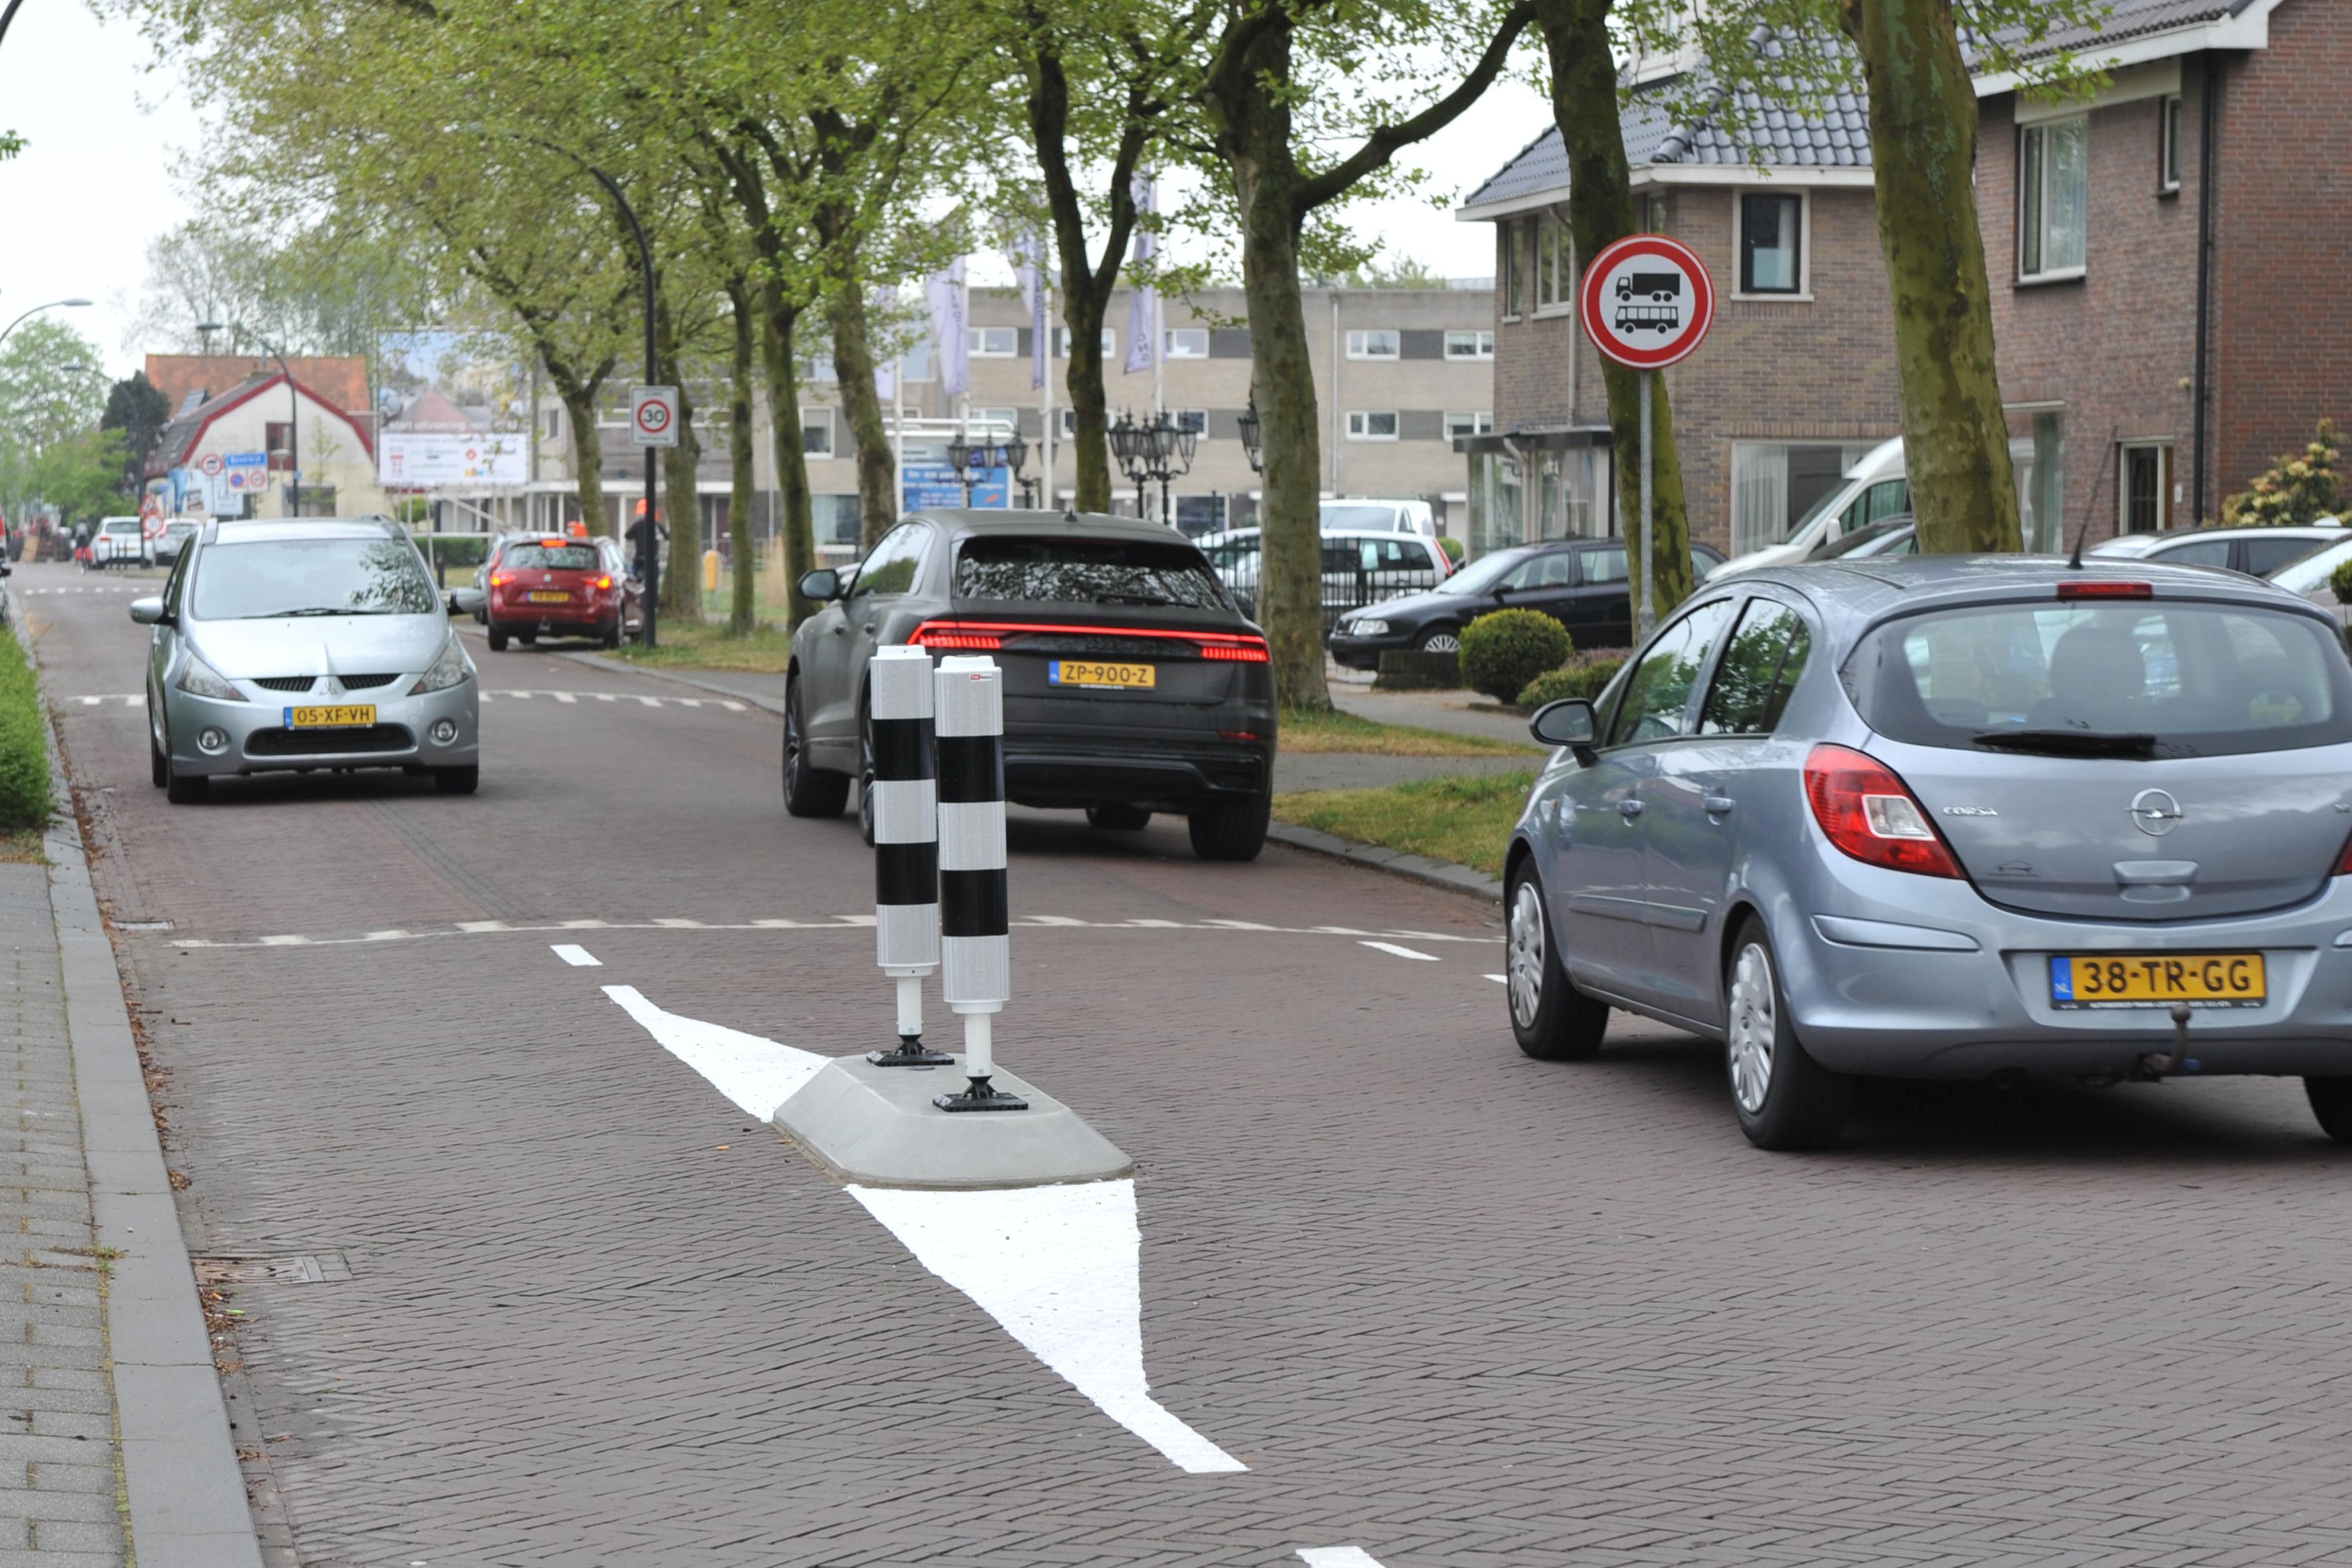 Omwonenden willen knip terug in Rijksstraatweg/Alkmaarseweg in Heemskerk: 'De lintweg zit zo in het systeem van de automobilist dat alleen een afsluiting het doorgaande verkeer zal weren'